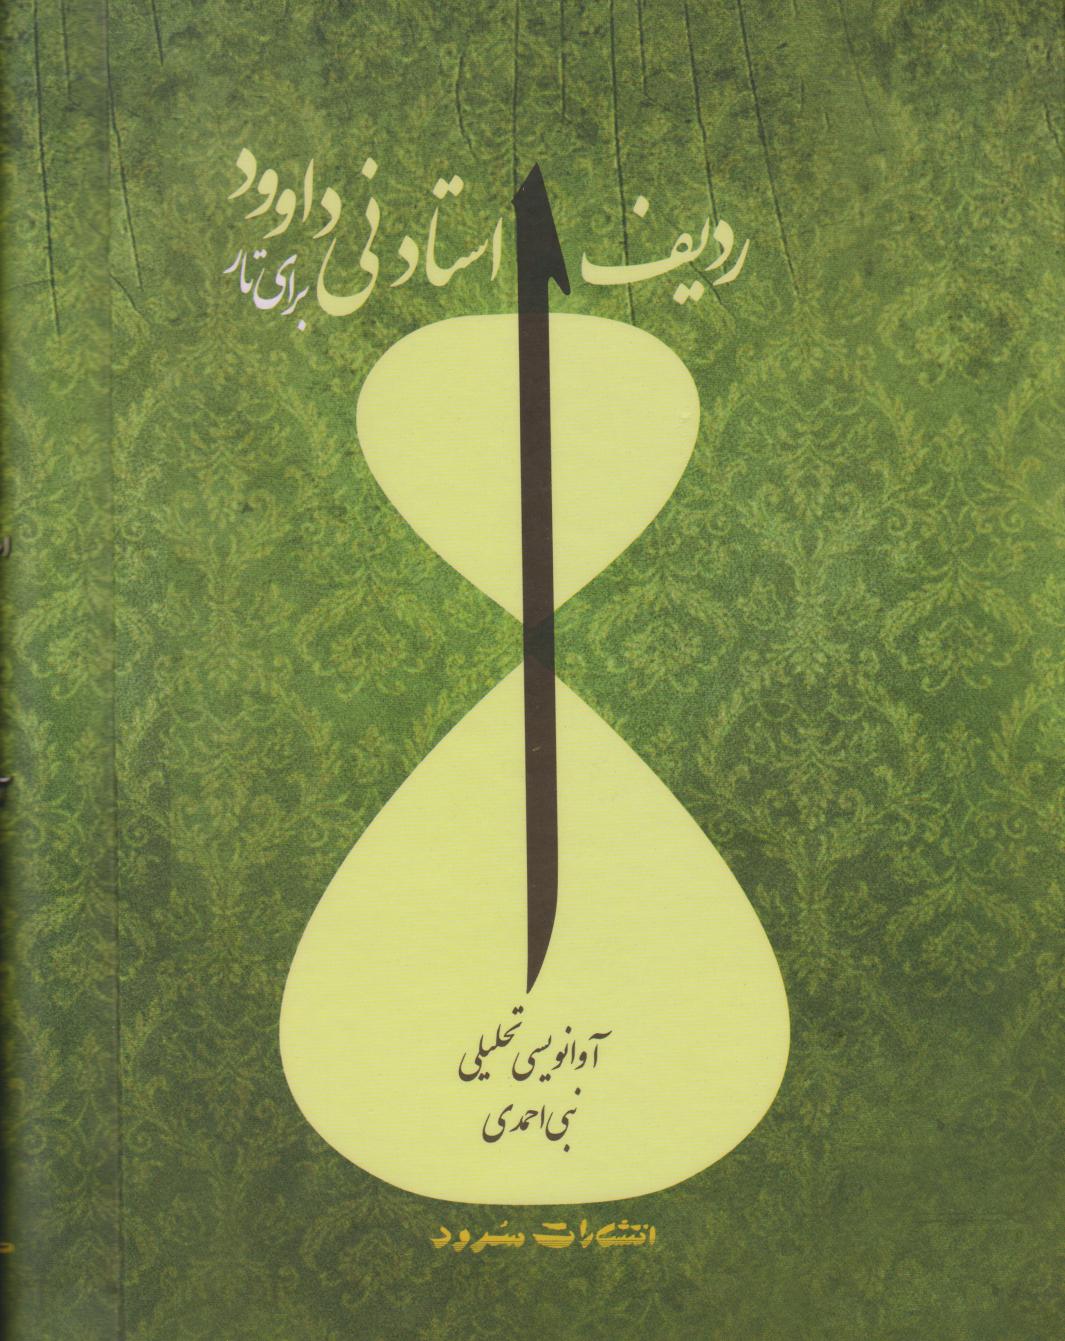 کتاب ردیف استاد نیداوود برای تار نبی احمدی انتشارات سرود